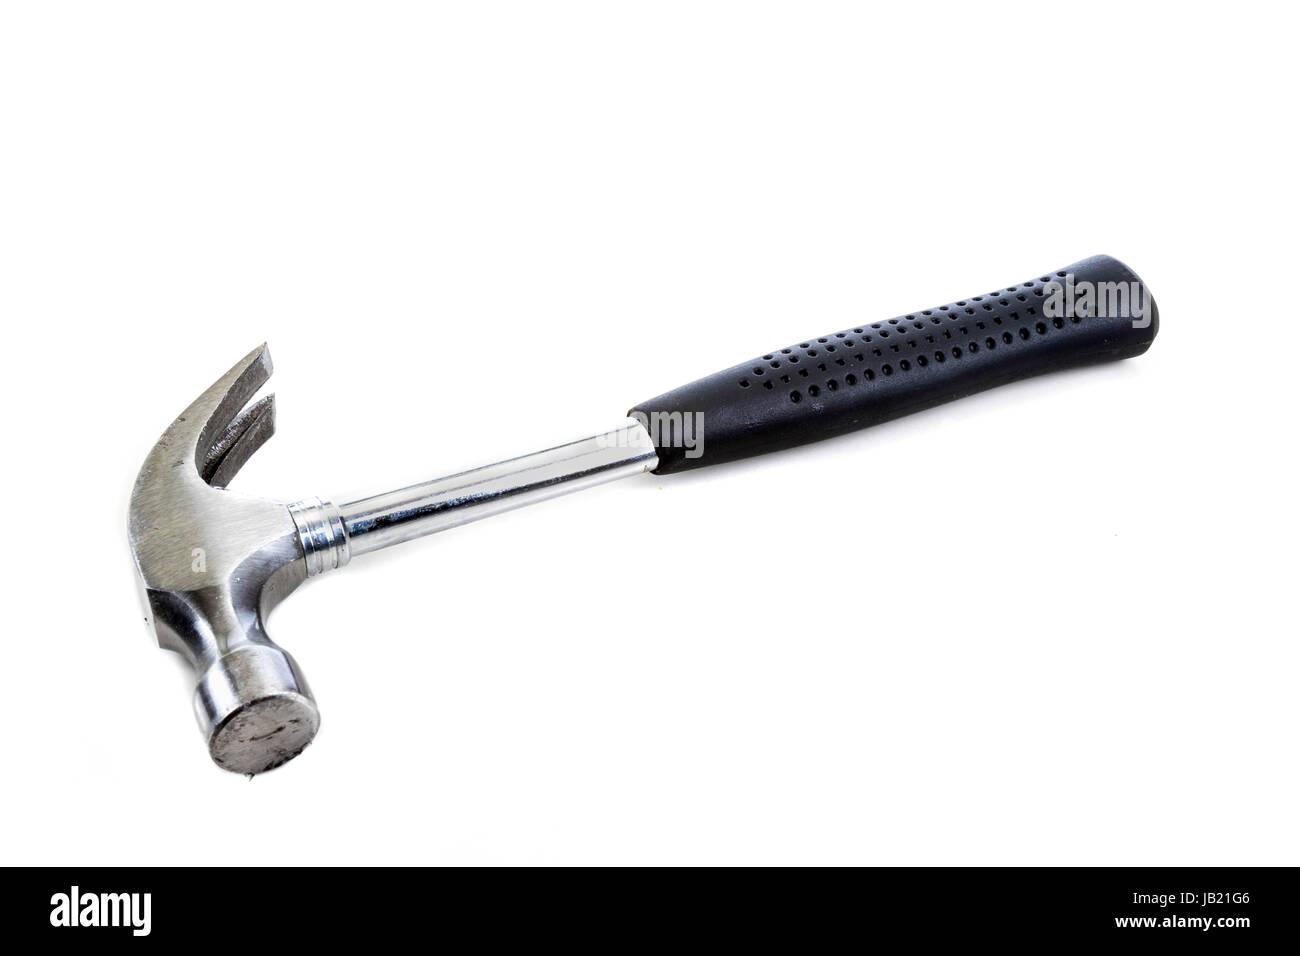 Weapon Repair Stockfotos & Weapon Repair Bilder - Alamy